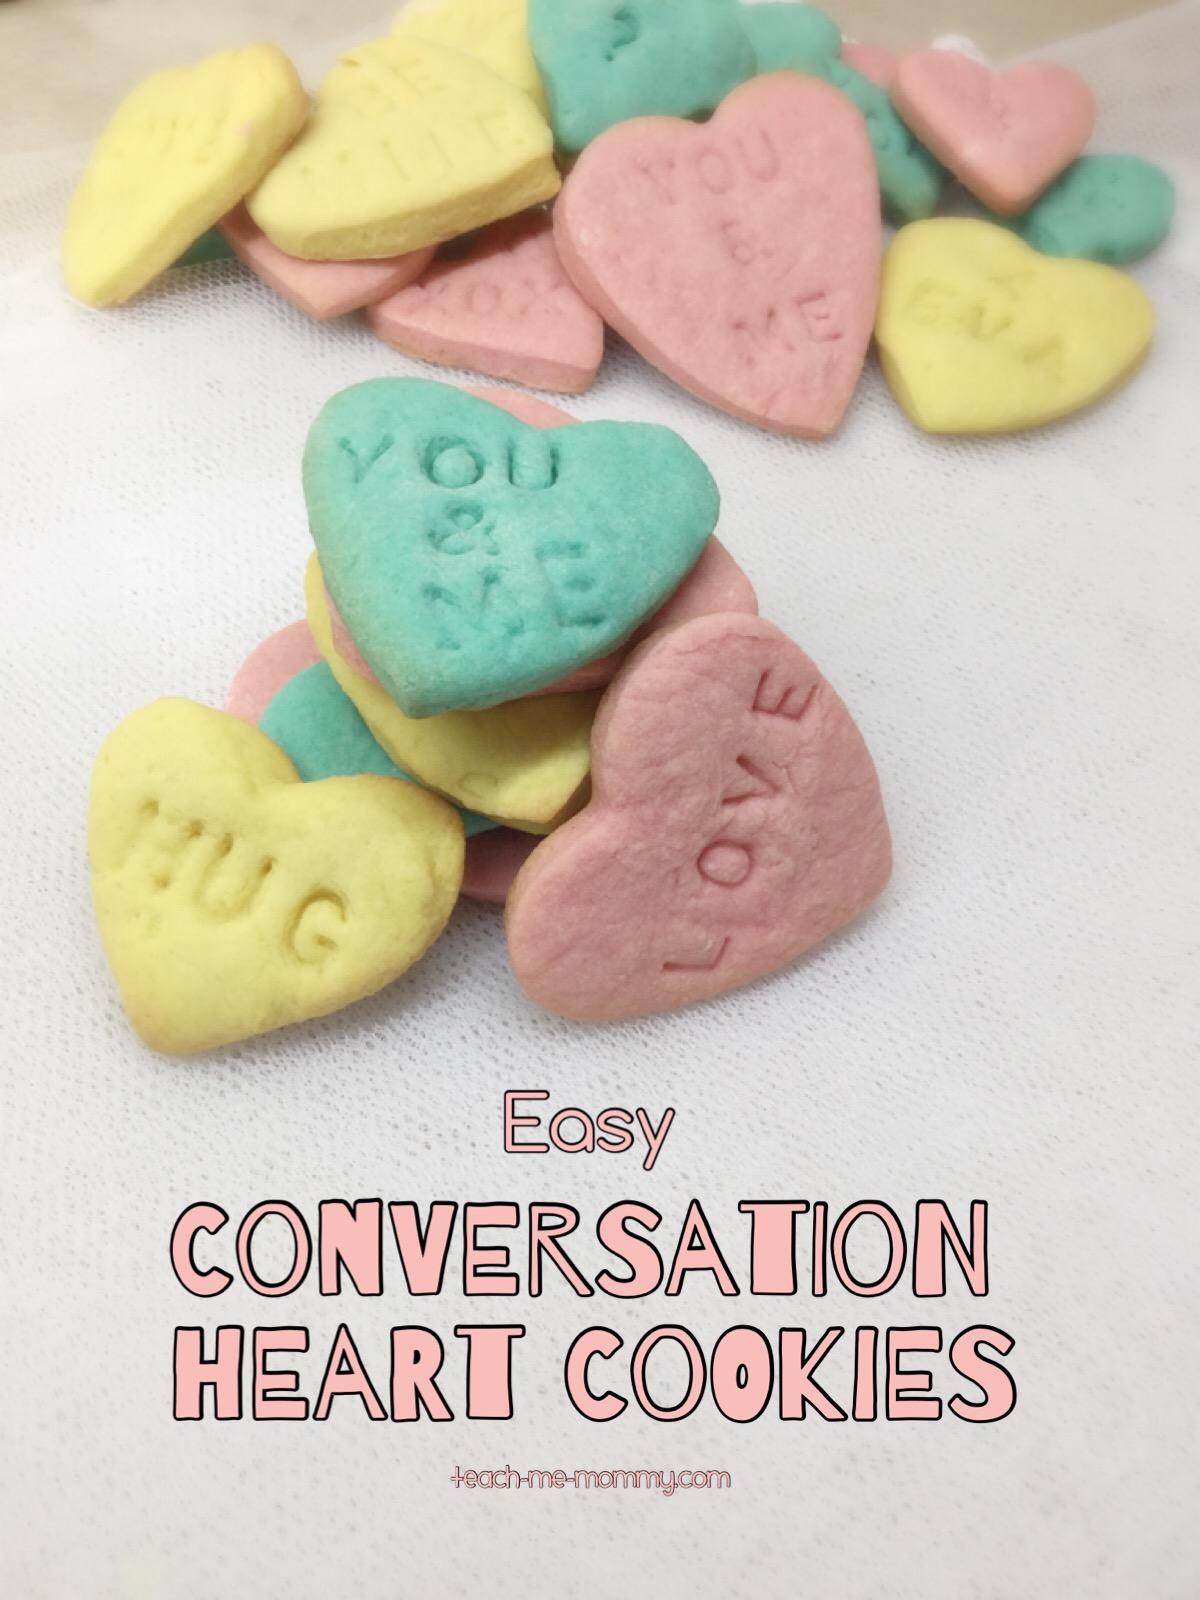 cinversation heart cookies